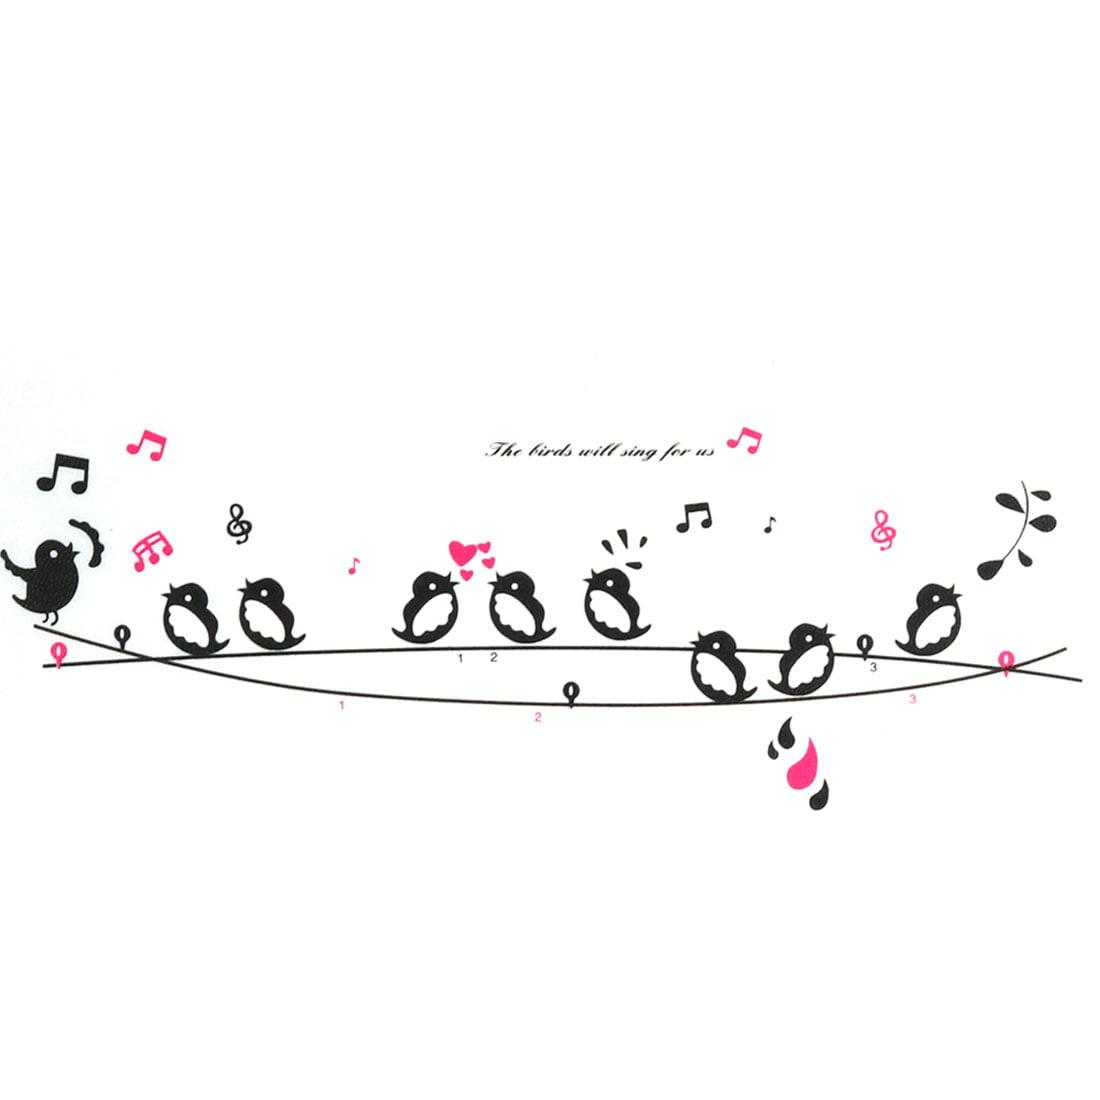 Chambre 9 chant oiseaux surfil autocollant impression Décor mural Art Mural - image 3 de 3